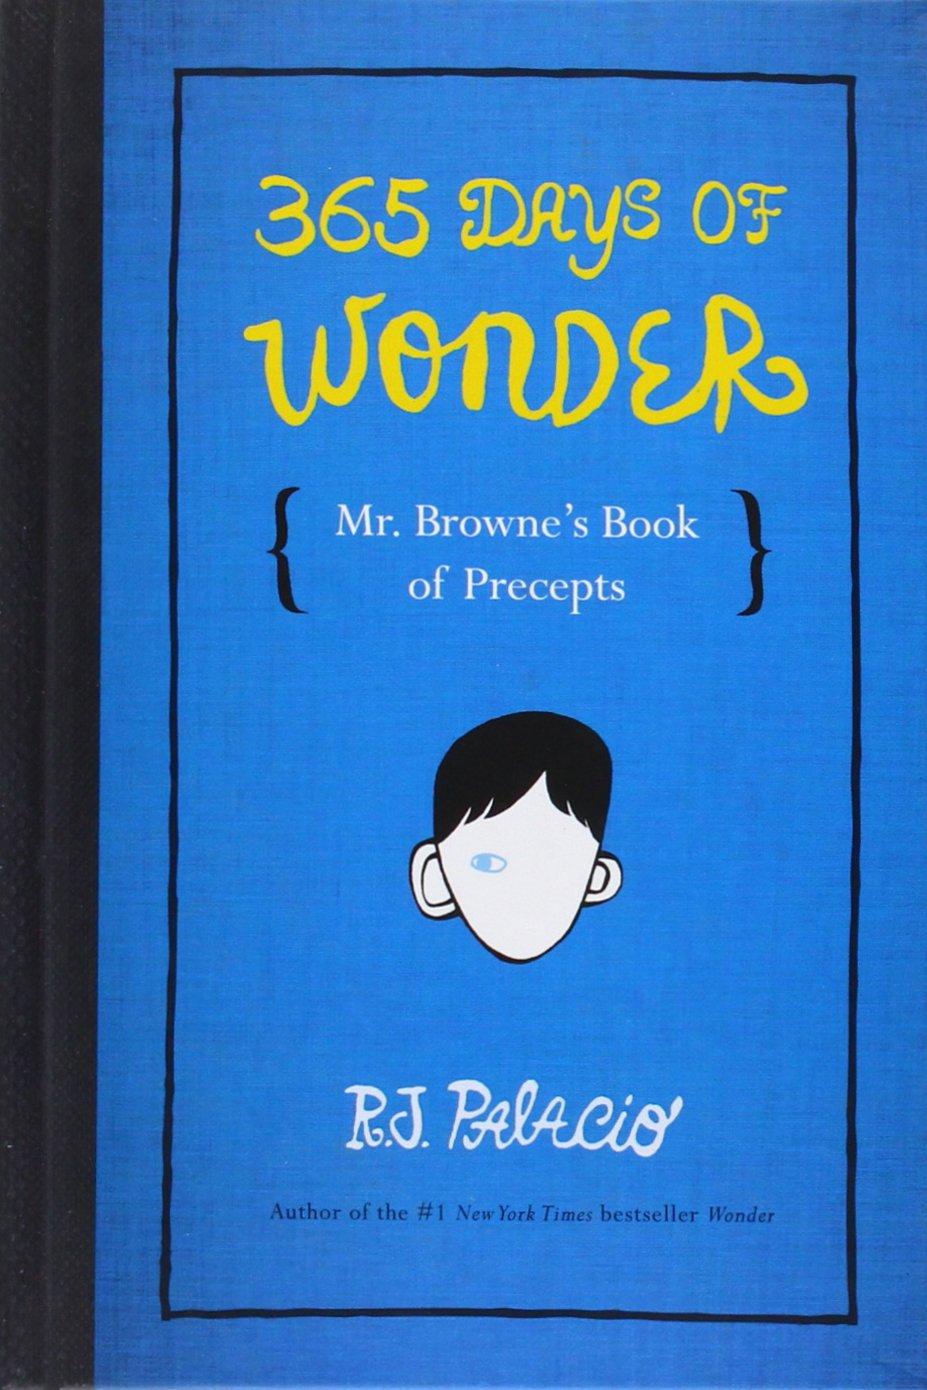 365 Days of Wonder | Wonder Wiki | FANDOM powered by Wikia